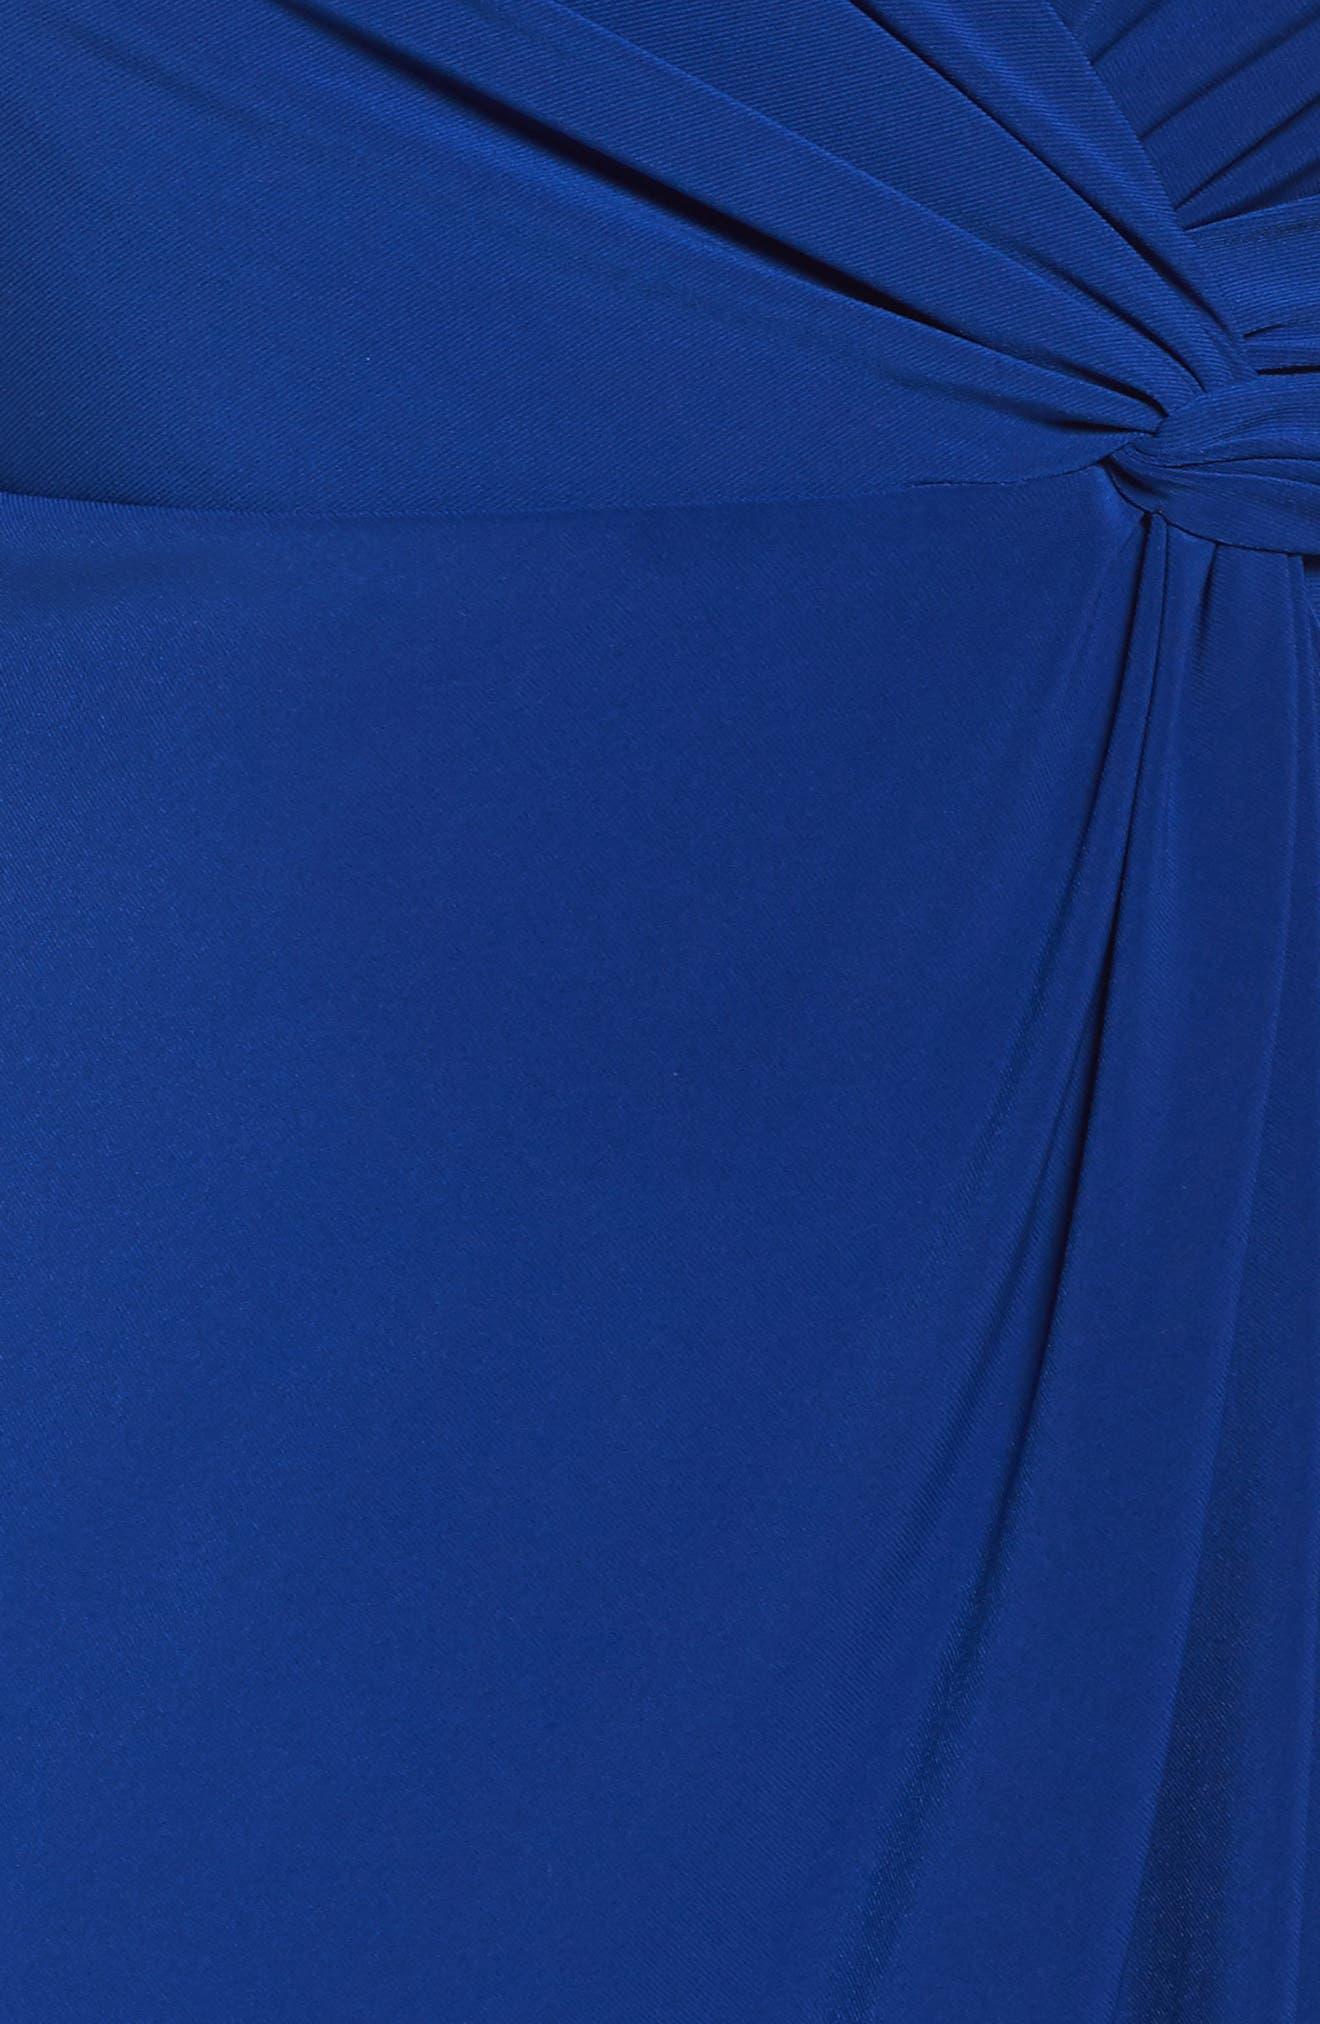 Embellished Knot Front Dress,                             Alternate thumbnail 5, color,                             461